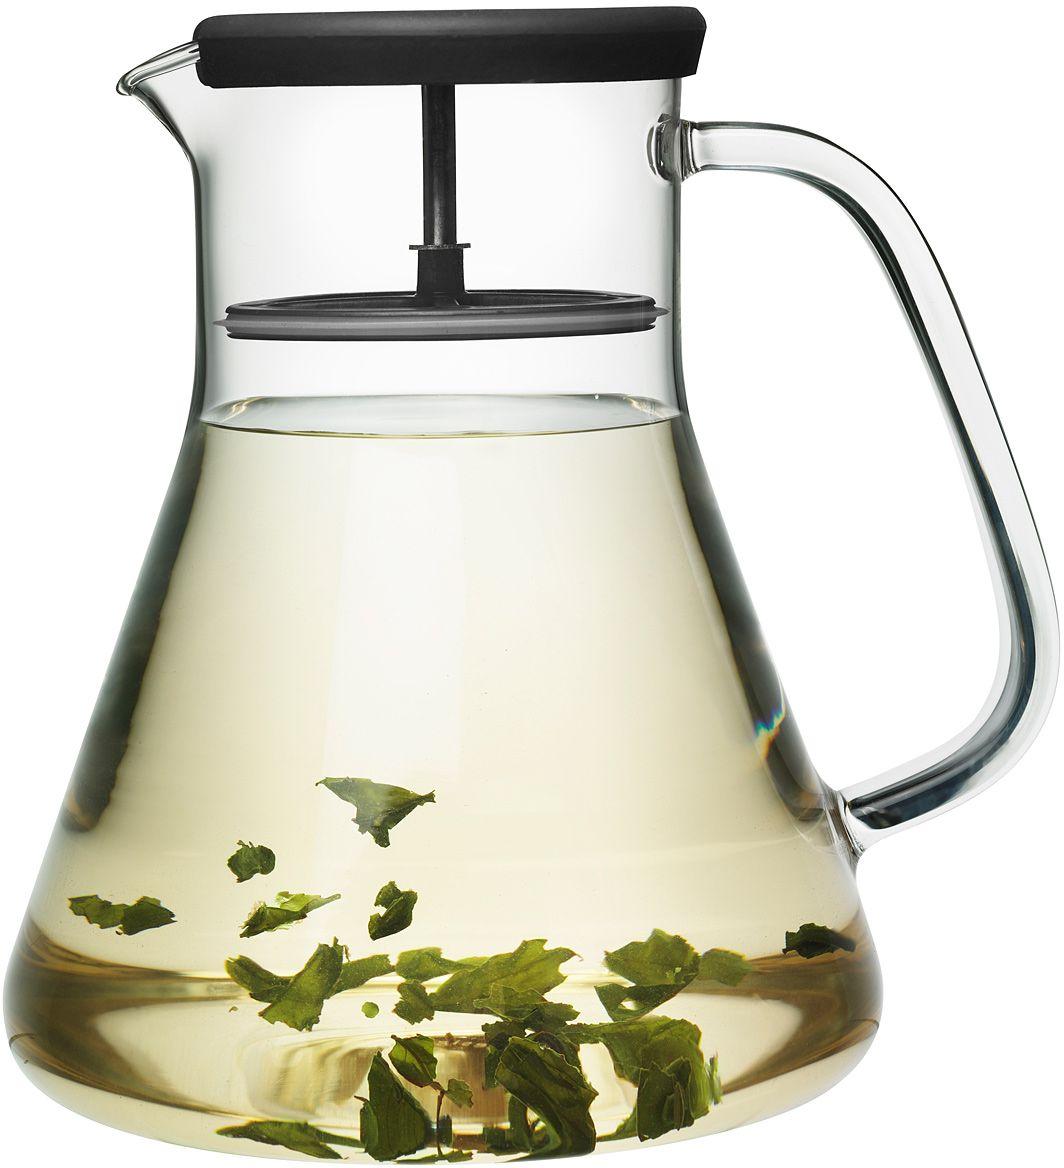 Кувшин QDO Dancing Leaf, цвет: черный, прозрачный, 1,2 л567190Универсальный стеклянный кувшин QDO Dancing Leaf с встроенным фильтром. Идеален для подачи холодных лимонадов, ягодных морсов, чая и других подобных напитков. Благодаря фильтру, кусочки льда, фруктов, ягод, мяты и чайных листьев не попадут в чашку. Кроме того, кувшин изготовлен из термоустойчивого боросиликатного стекла, что позволяет заваривать чай прямо внутри него. Просто поместите в кувшин нужное количество чая, залейте горячей водой и дайте настояться. Фильтр соединен с силиконовой крышкой и легко вынимается при необходимости.Можно мыть в посудомоечной машине. Объем кувшина: 1,2 л.